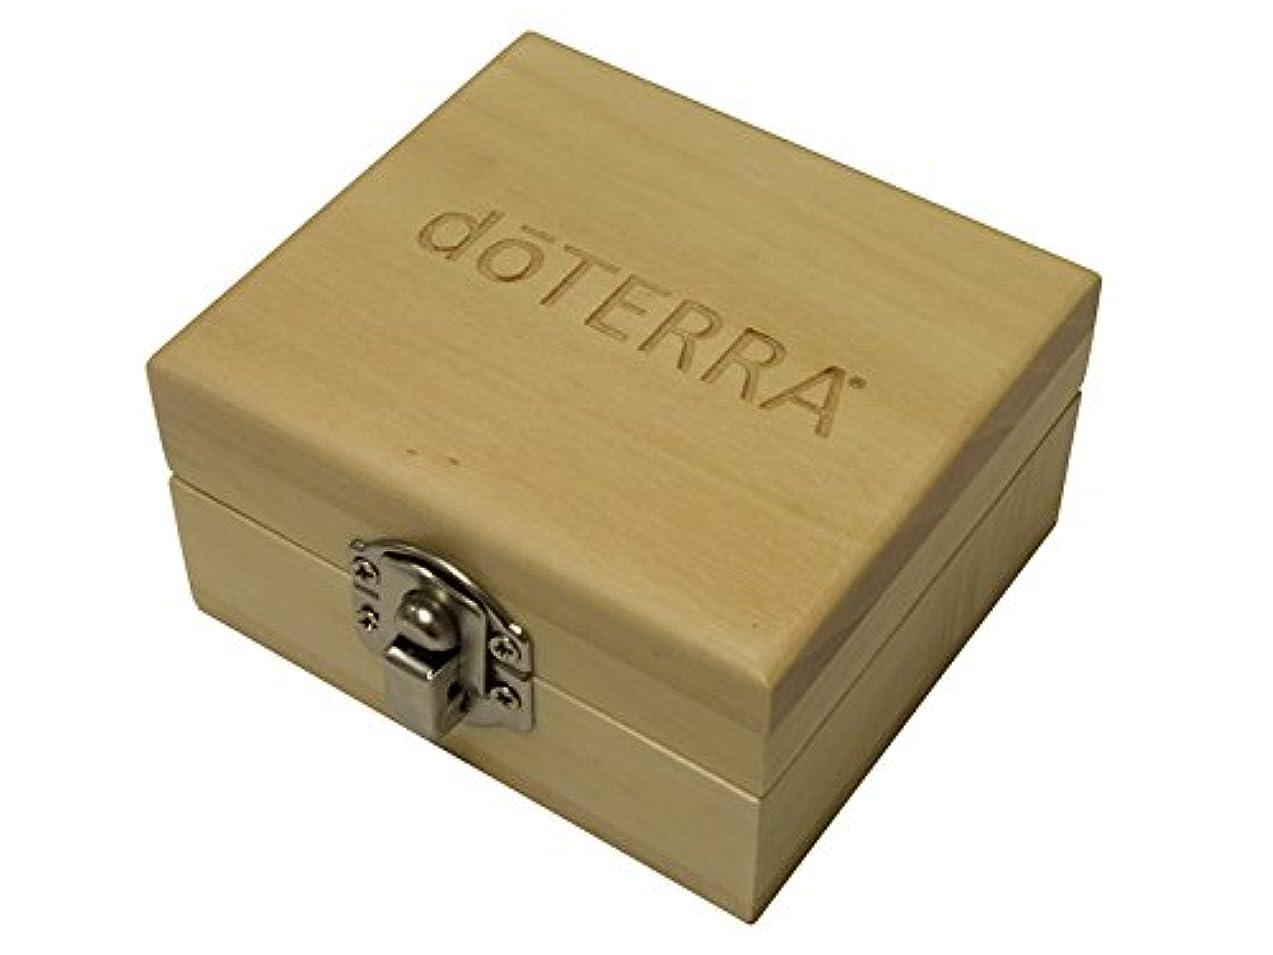 が欲しい結論塗抹(ドテラ) doTERRA ウッドボックス ライトブラウン ミニサイズ 木箱 エッセンシャルオイル 精油 整理箱